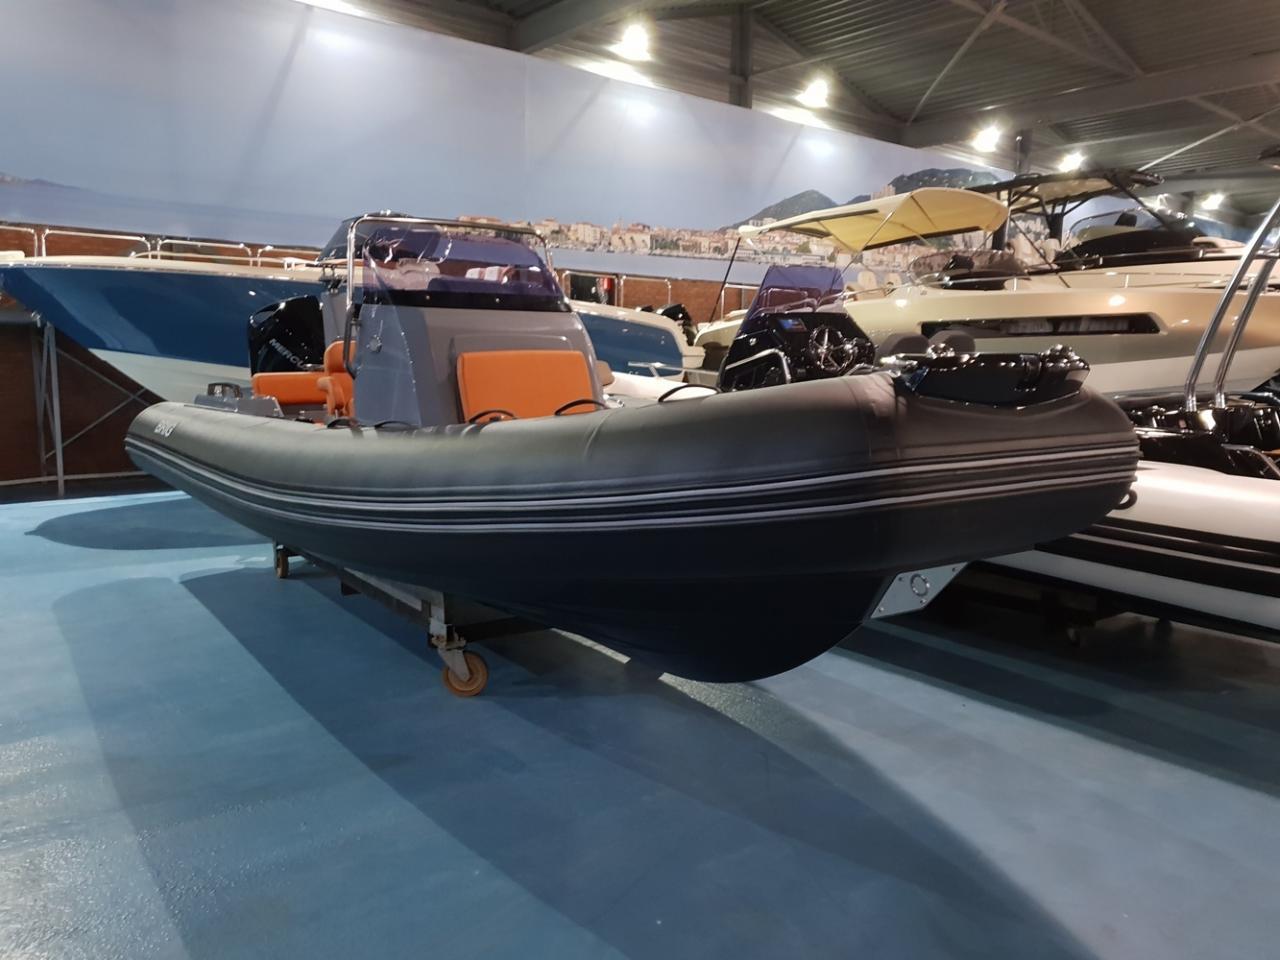 Brig Eagle 6.7 rib met Mercury 225 pk VAARKLAAR! 7